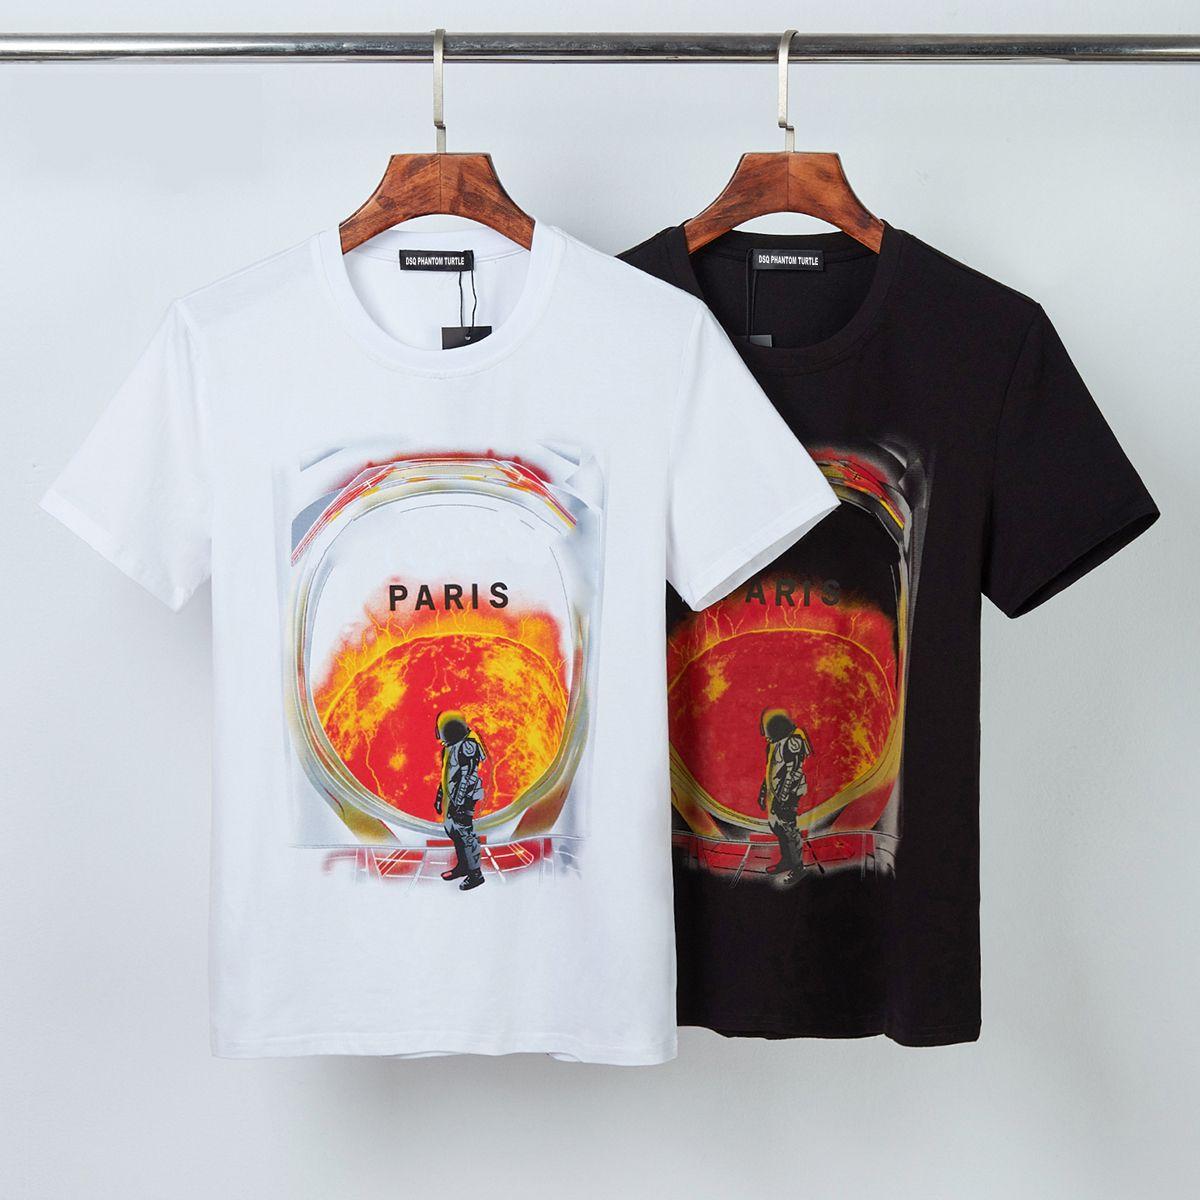 DSQ Phantom Tortue 2021ss New Mens Designer T-shirt T-shirt Paris Mode T-shirts Modèle d'été T-shirt Homme Top Qualité 100% coton Top 1196